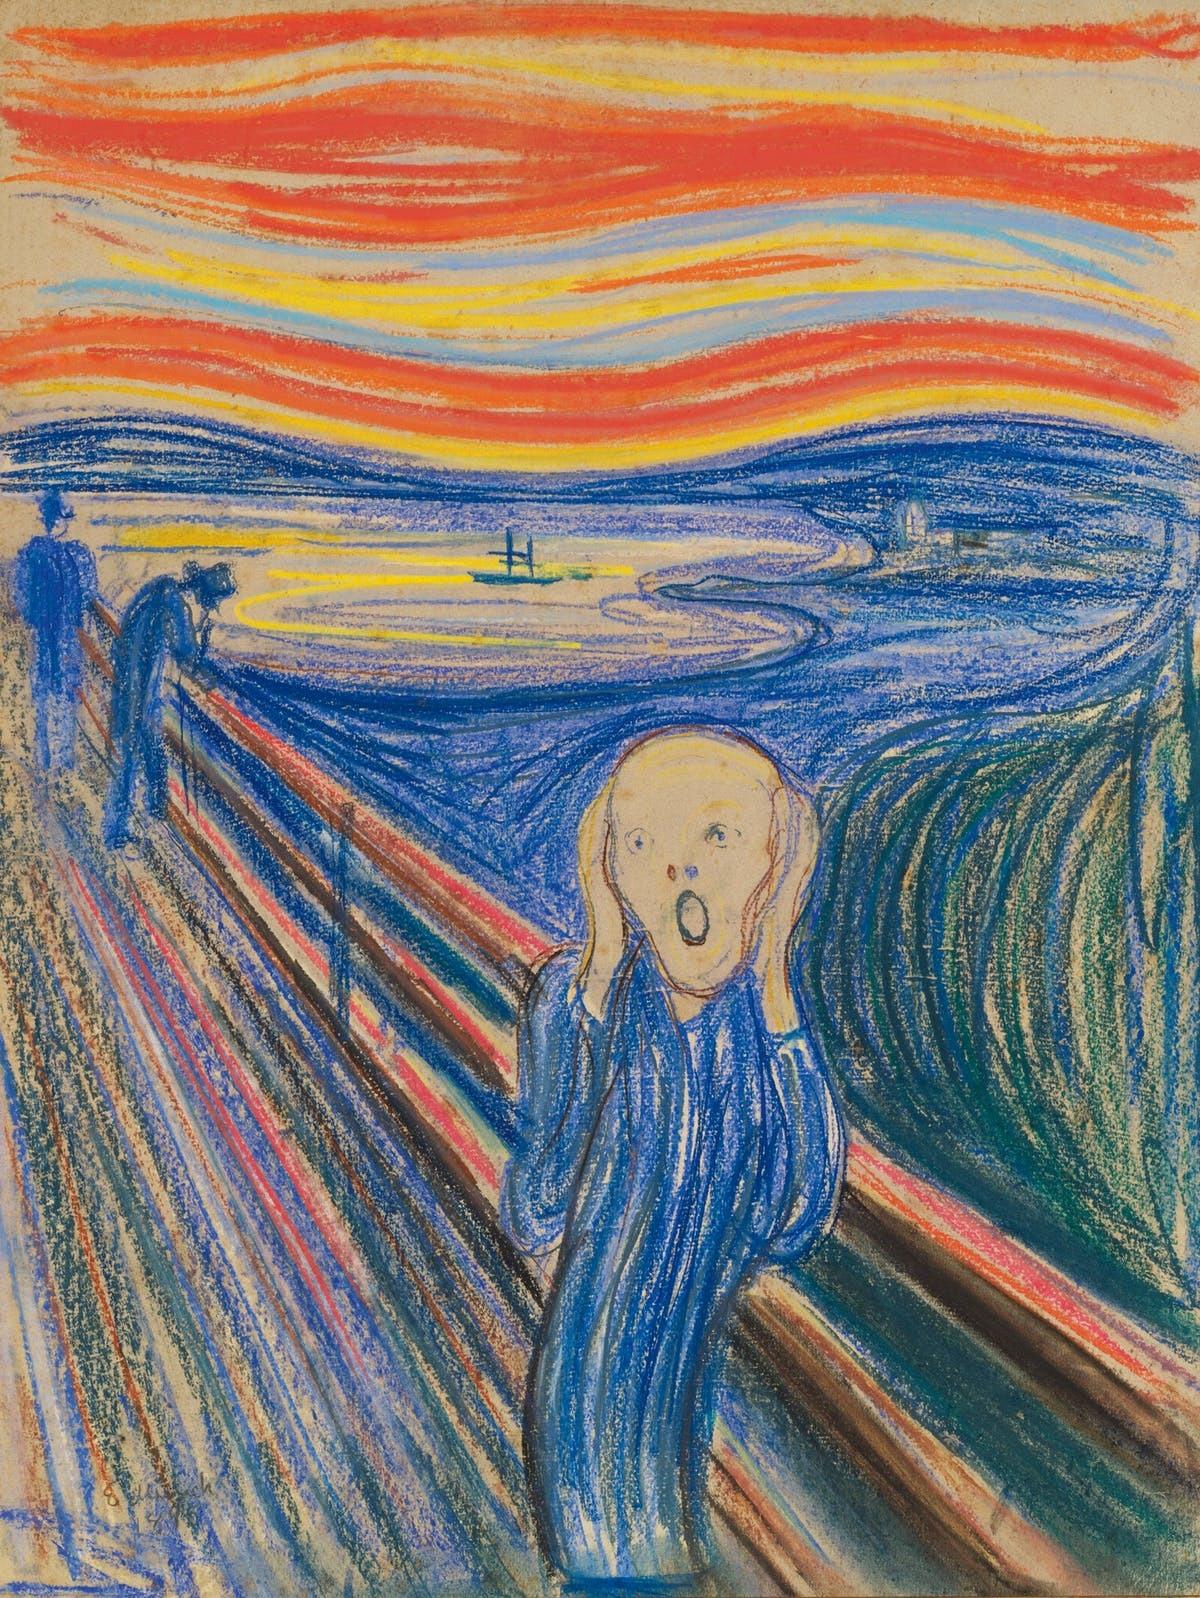 Edvard Munch, The Scream, signerad E. Munch och daterad 1895